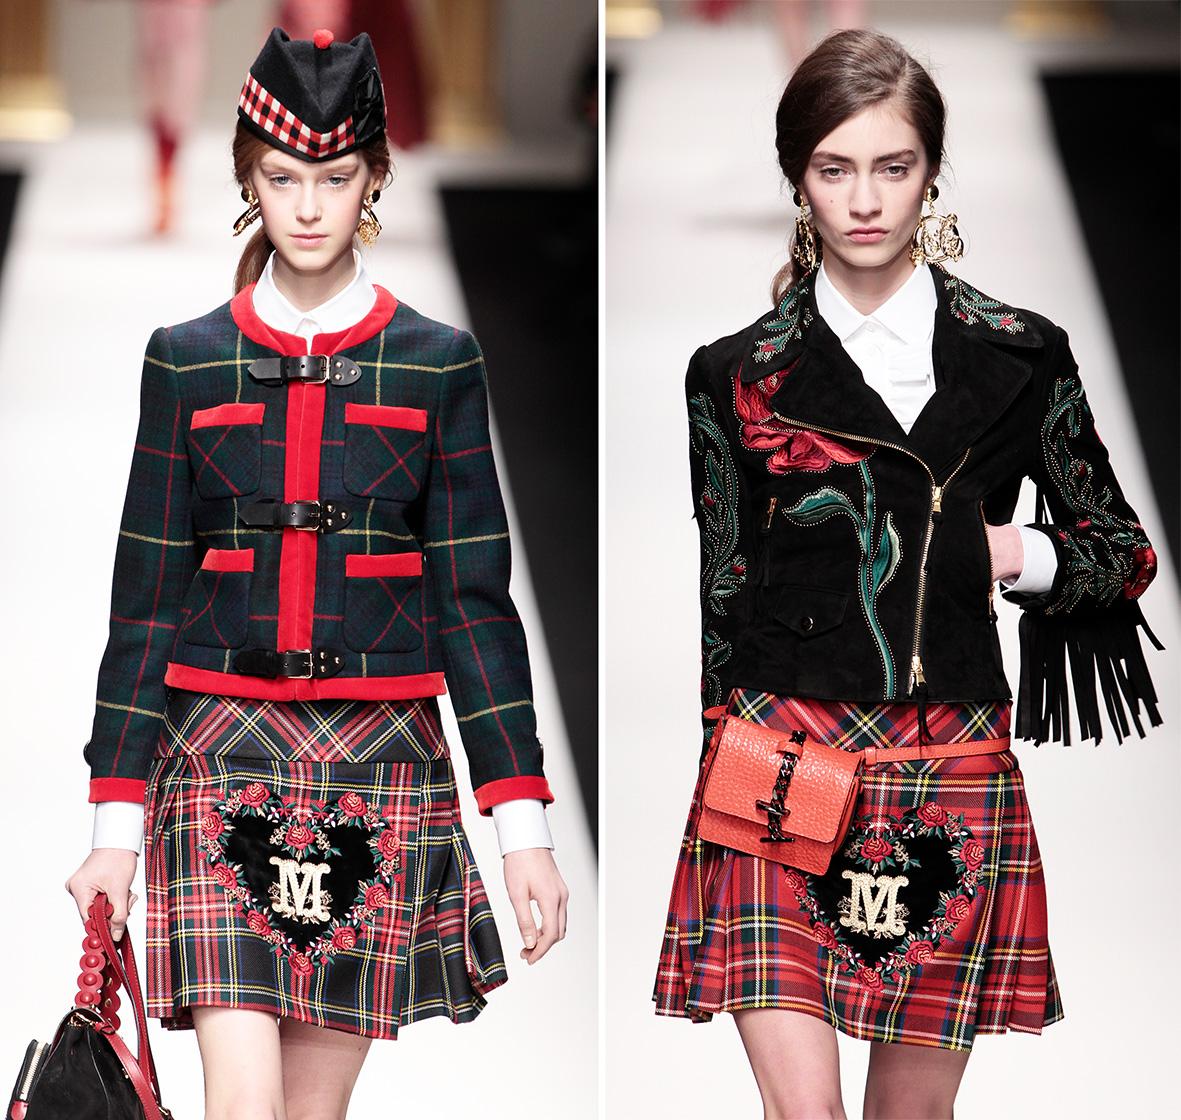 Models im Schottenrock von Moschino